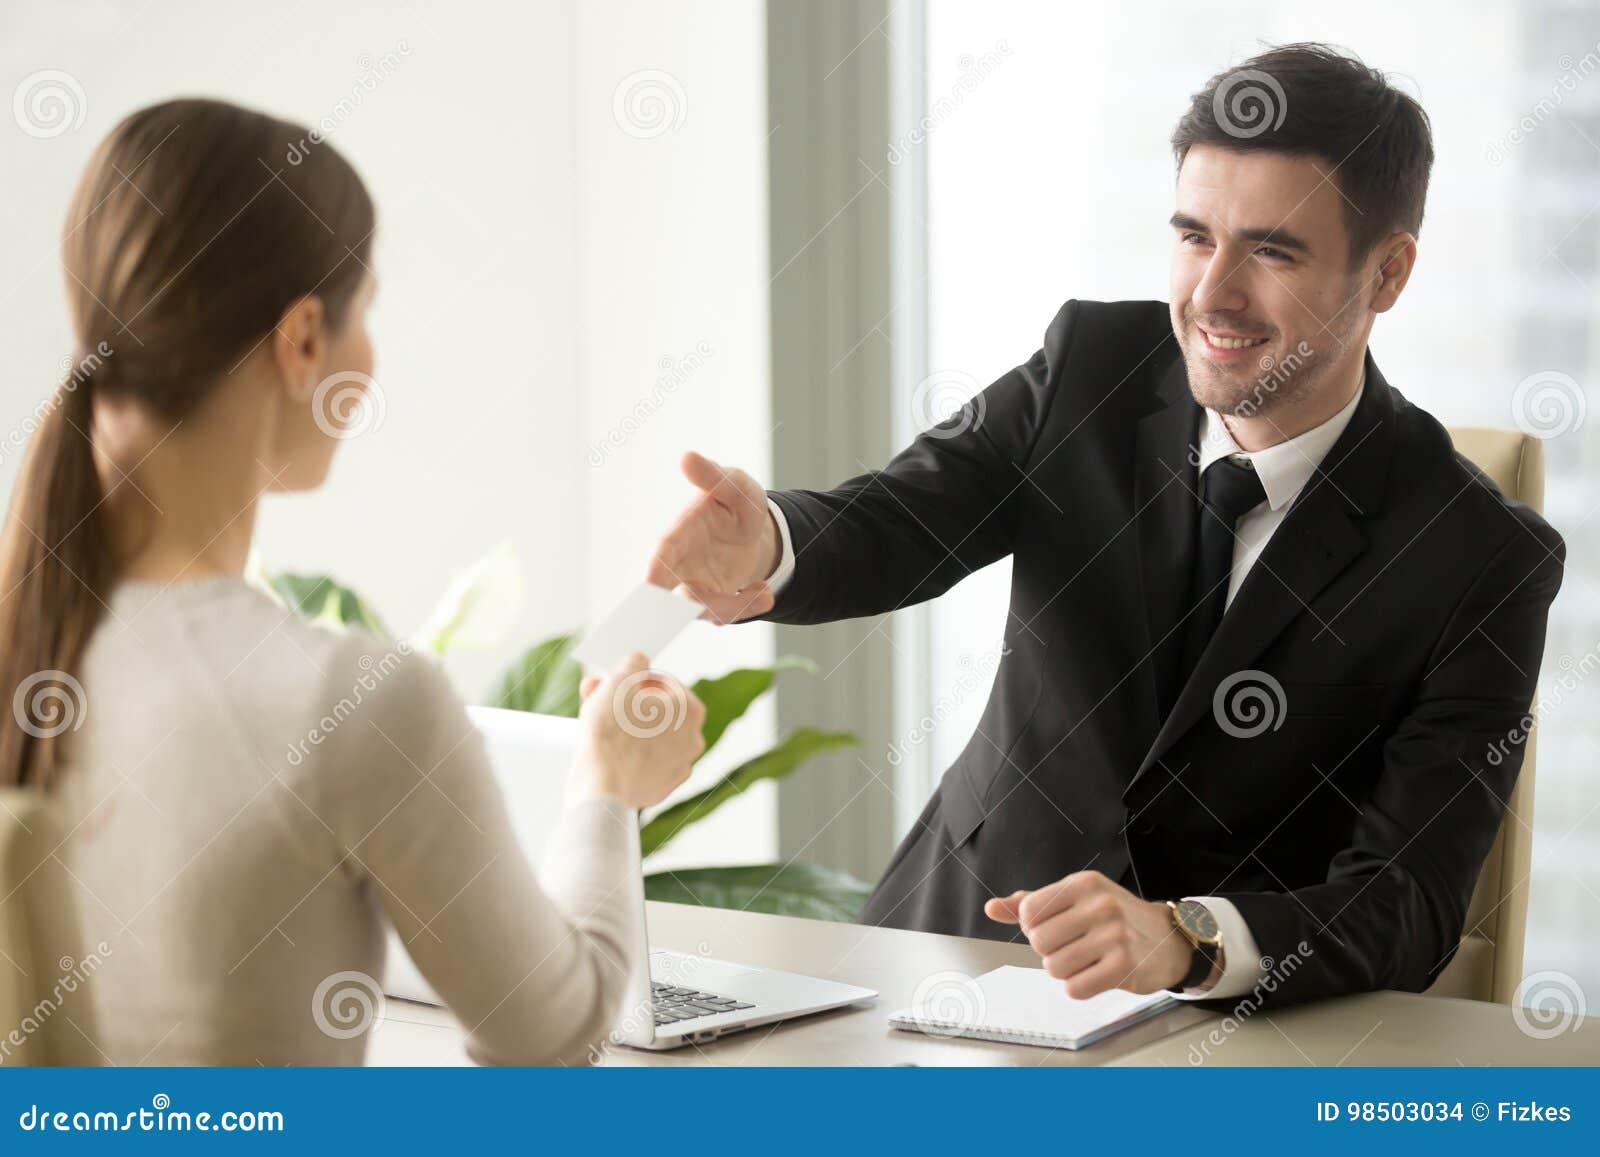 rencontre avec homme daffaire site rencontre info